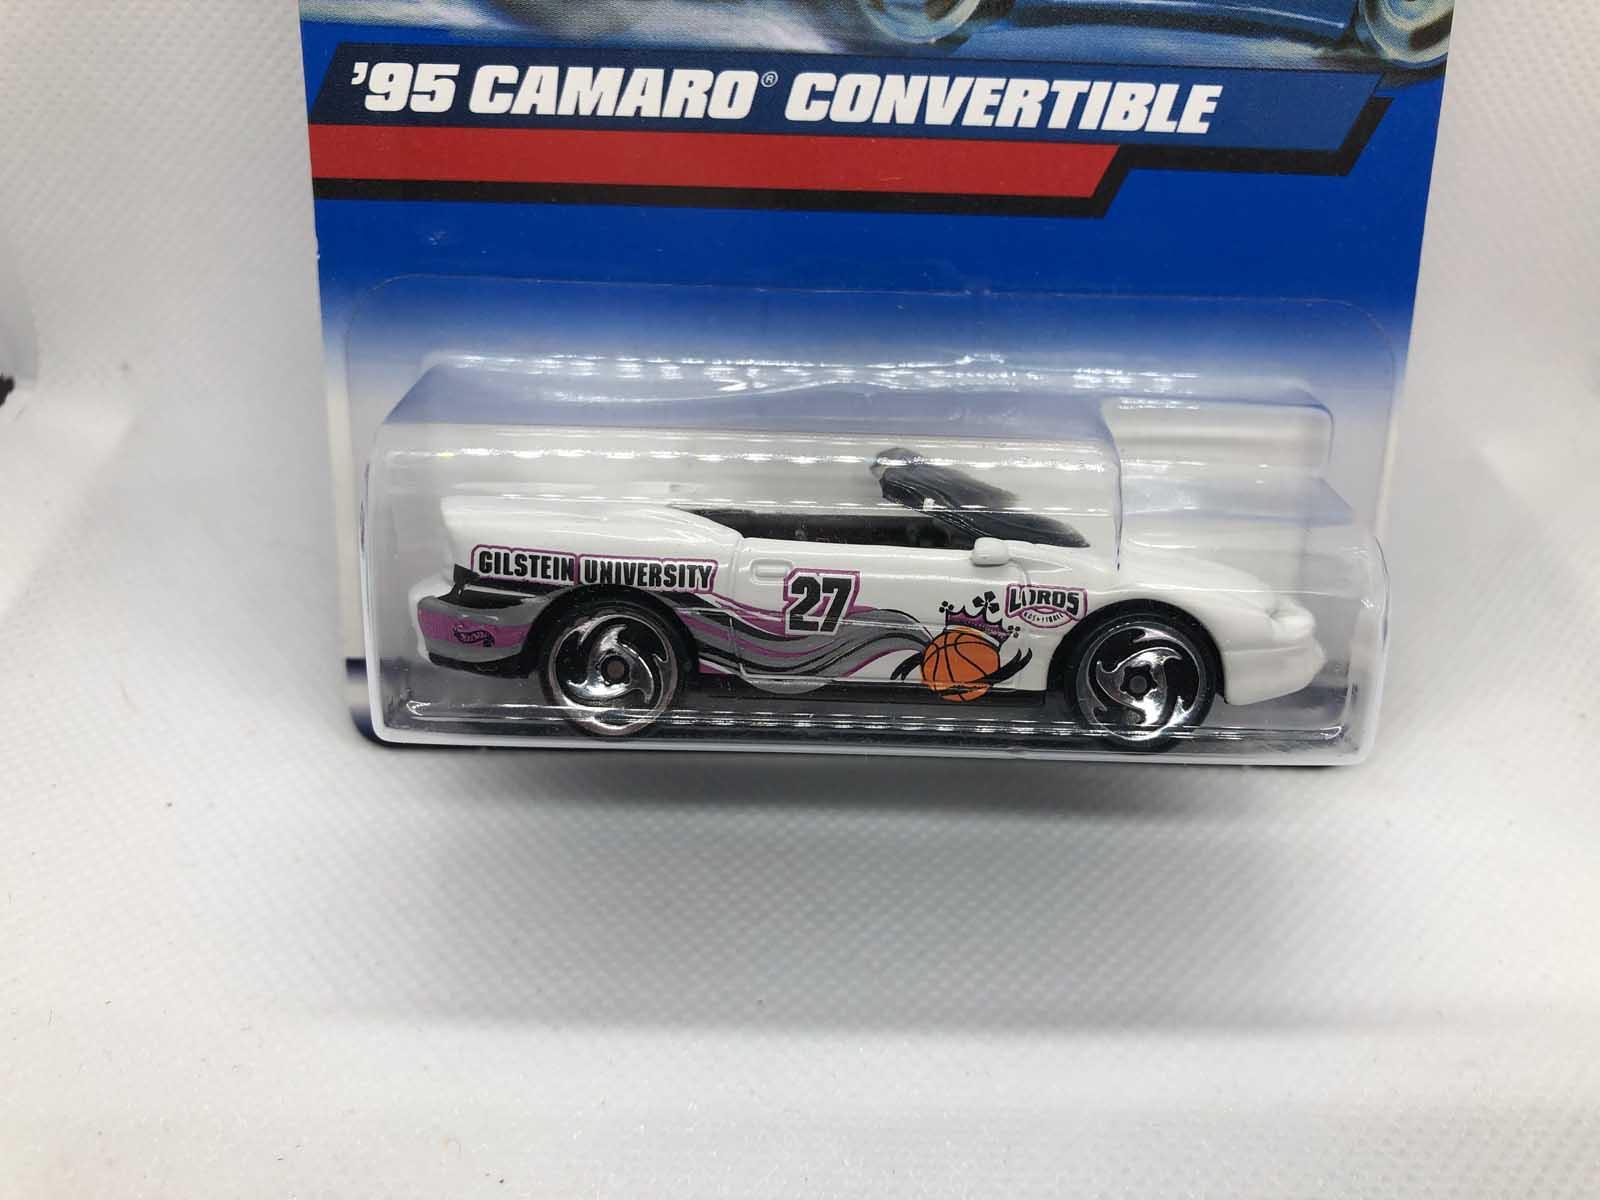 95 Camaro Convertible